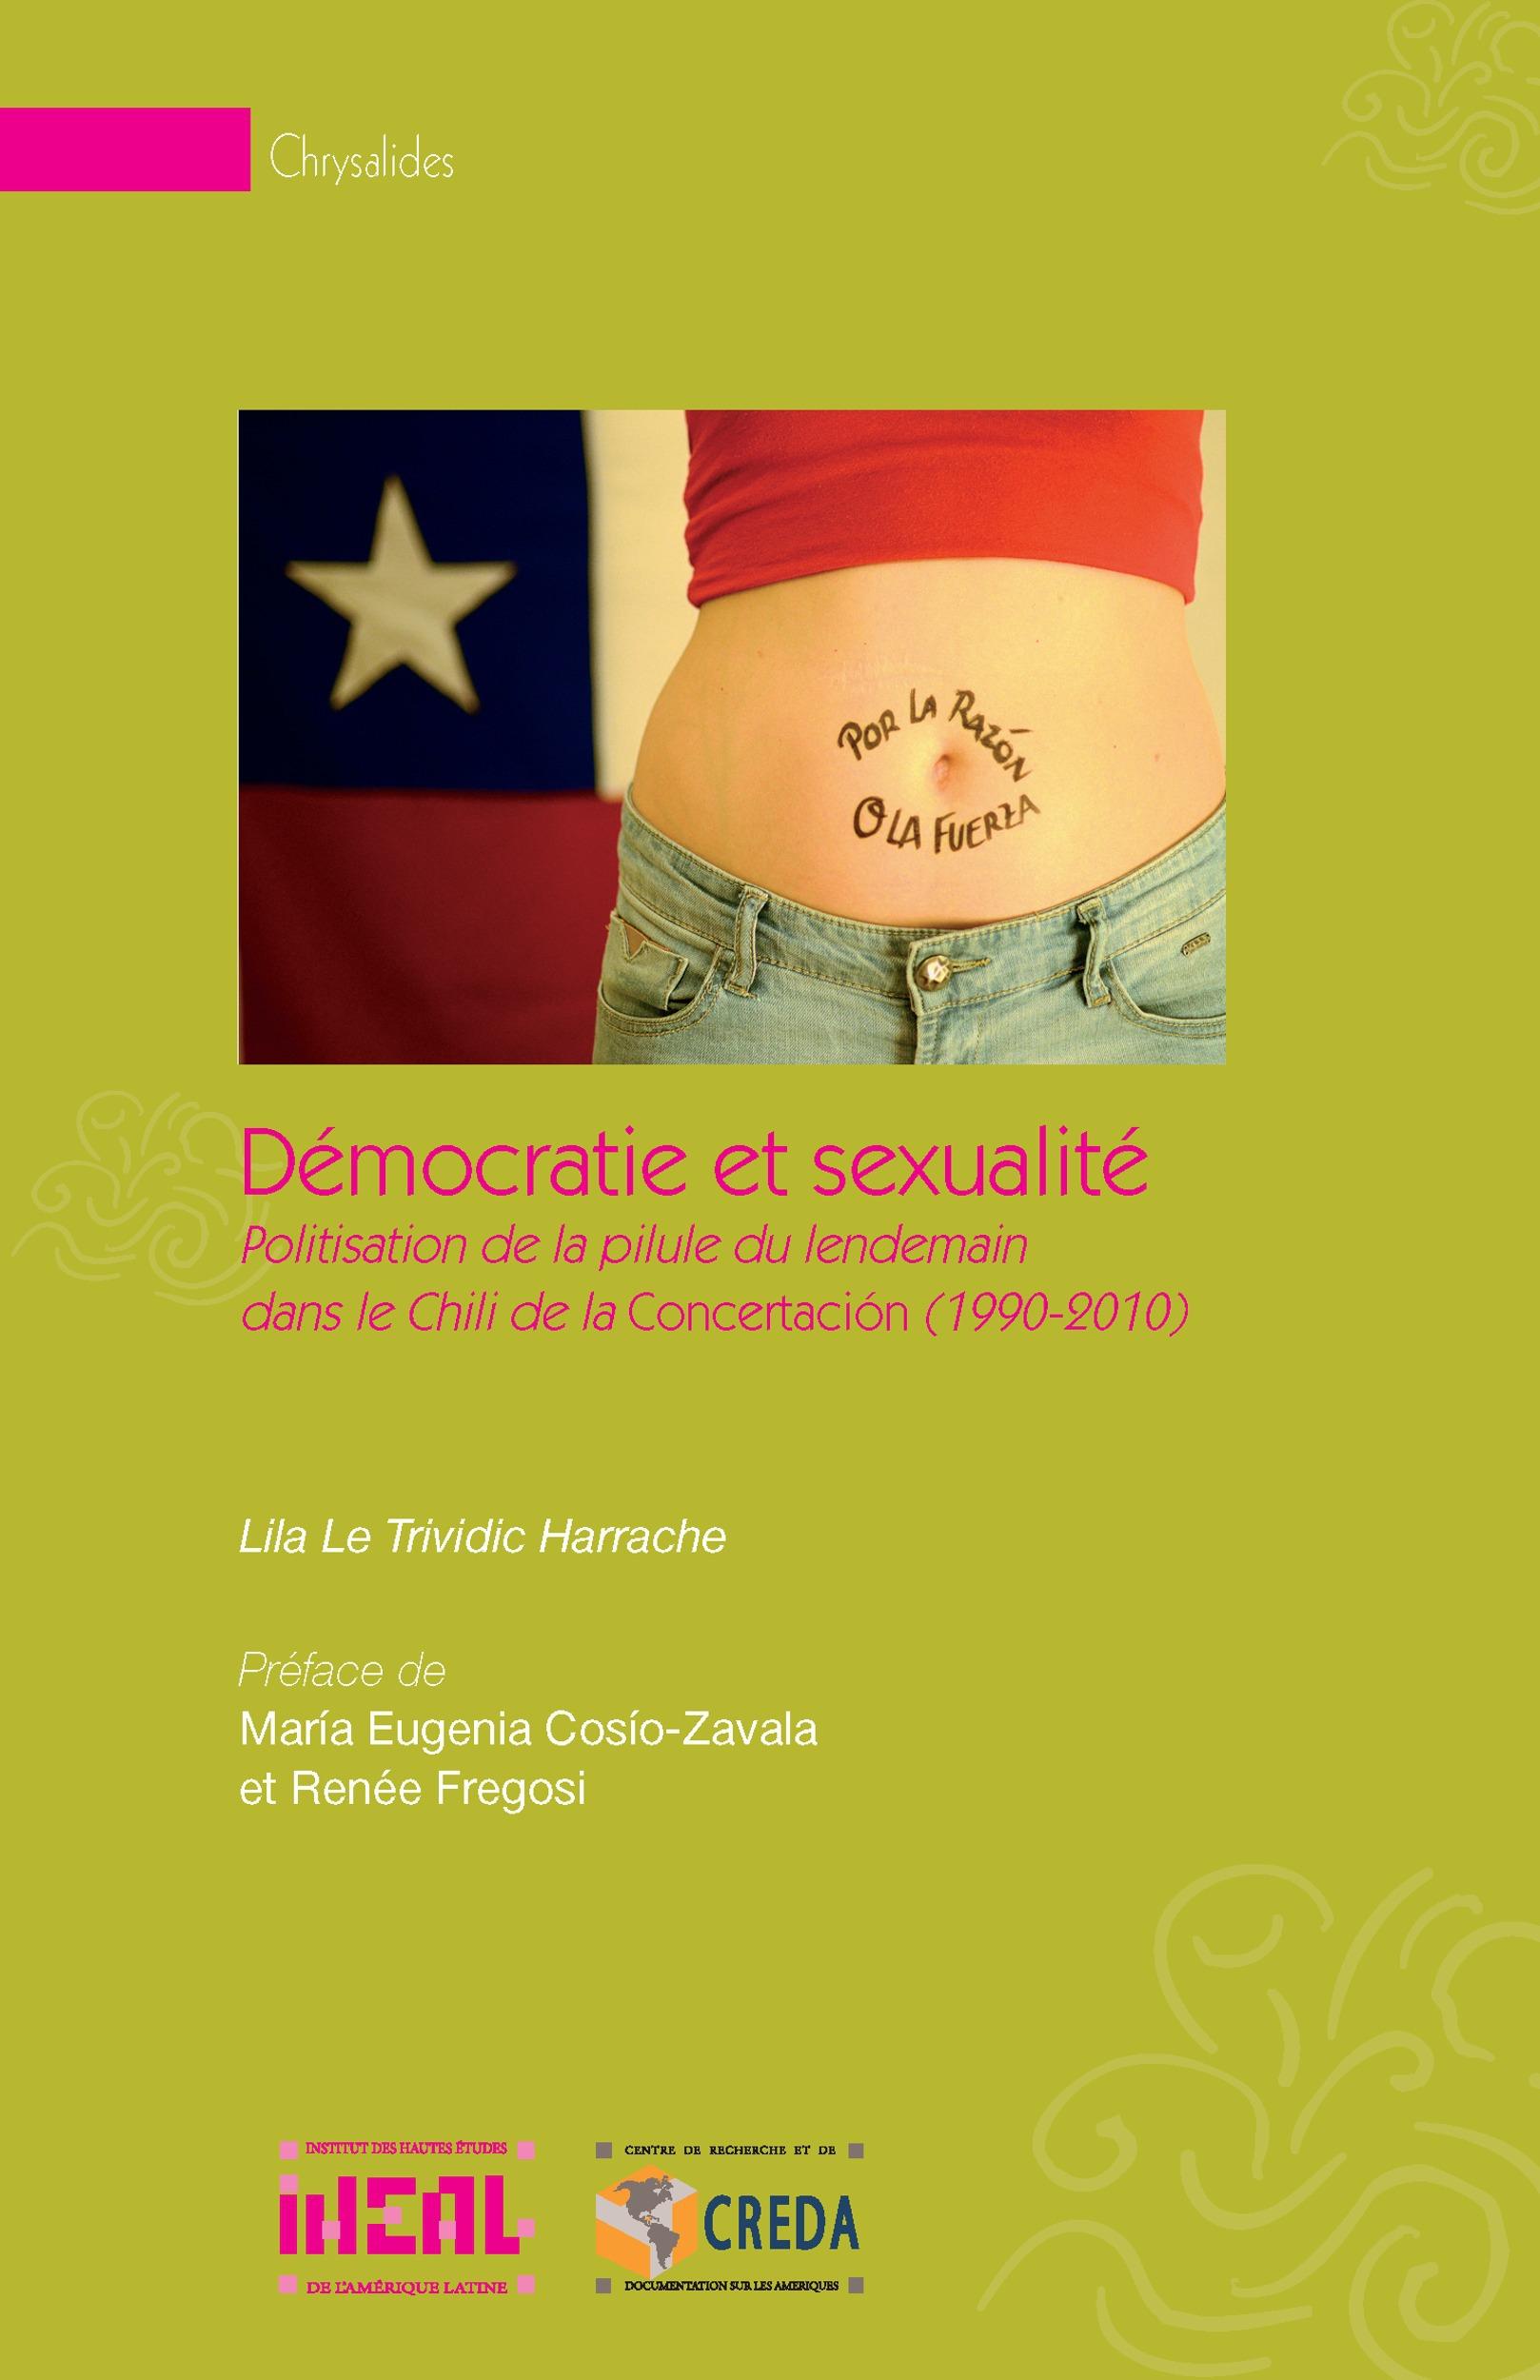 démocratie et sexualité ; politisation de la pilule du lendemain dans le Chili de la concertation (1990-2010)